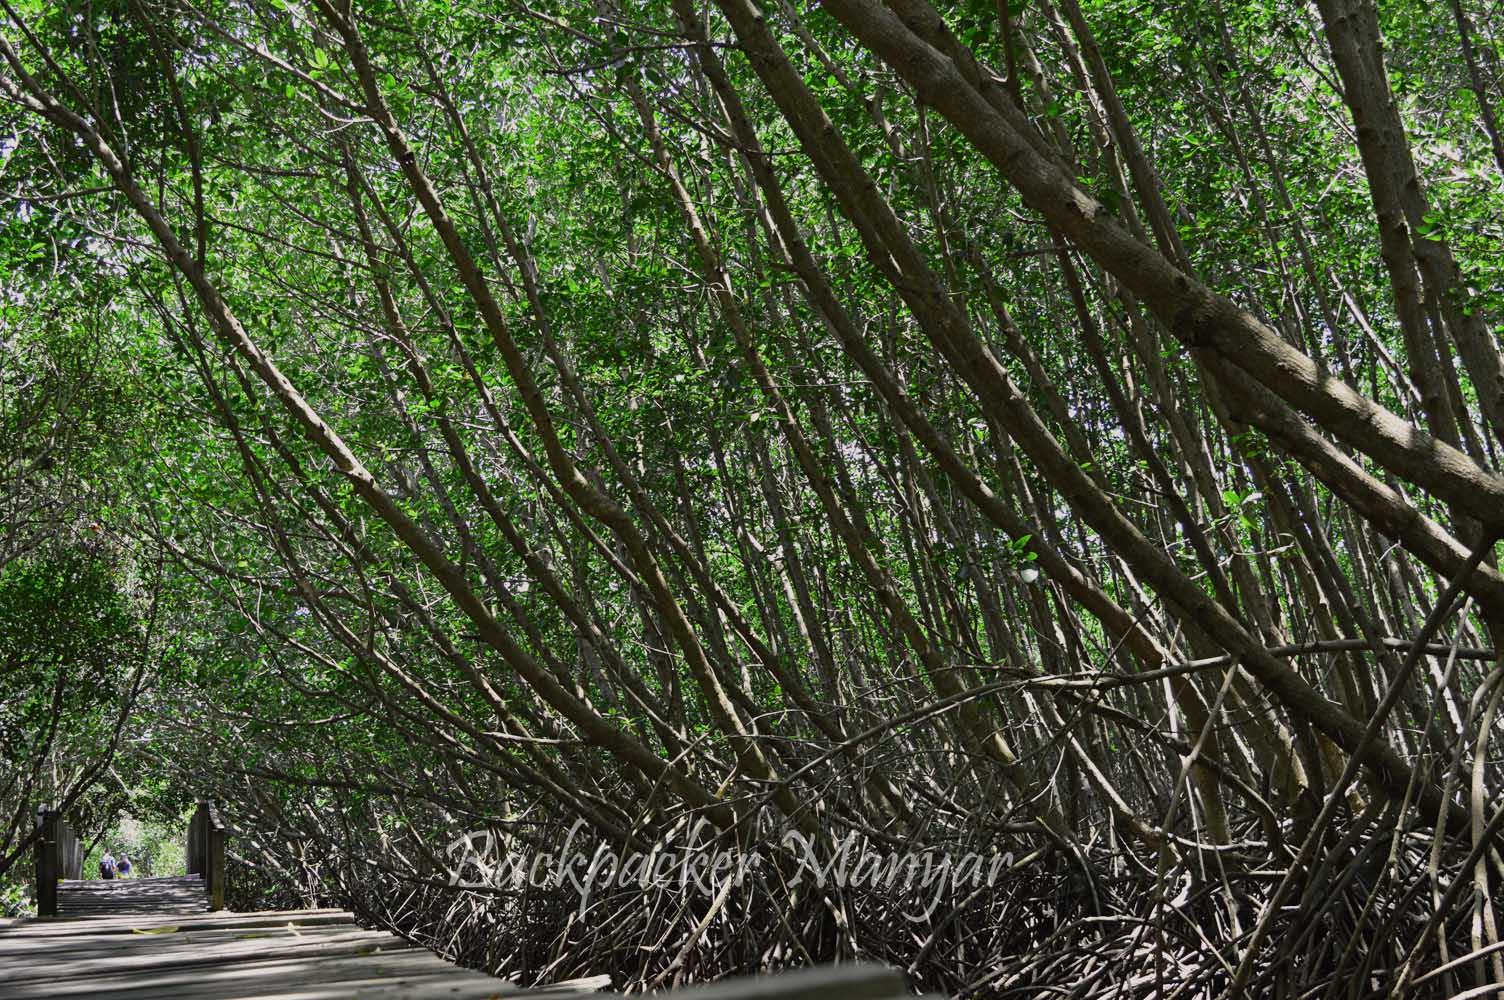 Hutan Mangrove Taman Hutan Raya Ngurah Rai Bali Keindahan